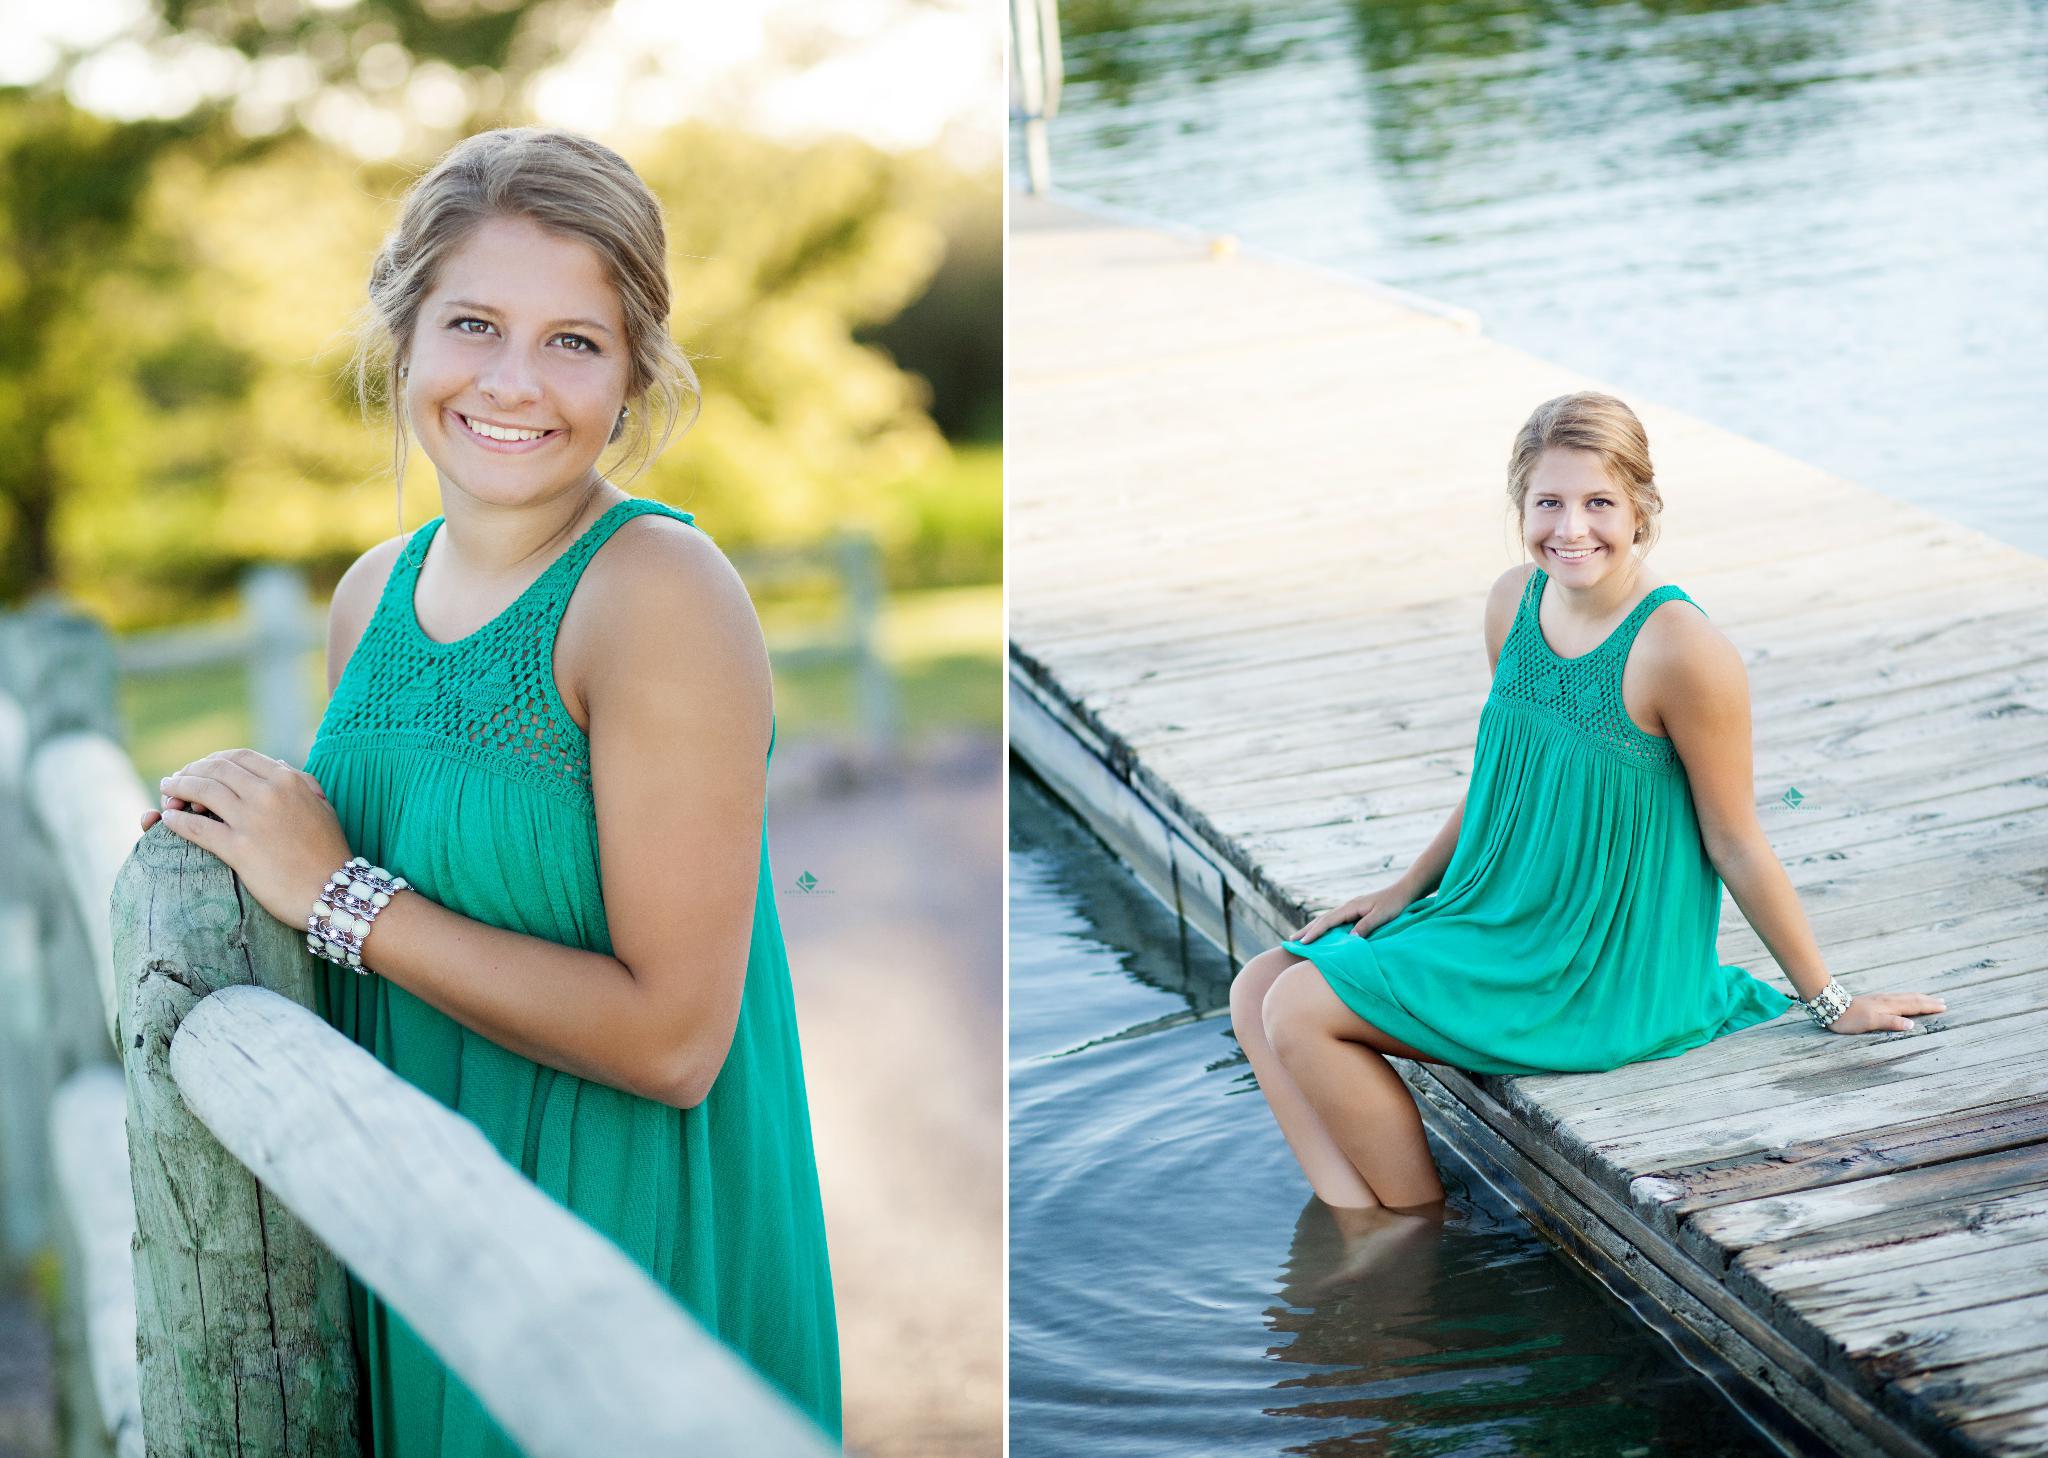 Country Senior Images by Katie Swatek Photography | Water Senior Images by Katie Swatek Photography